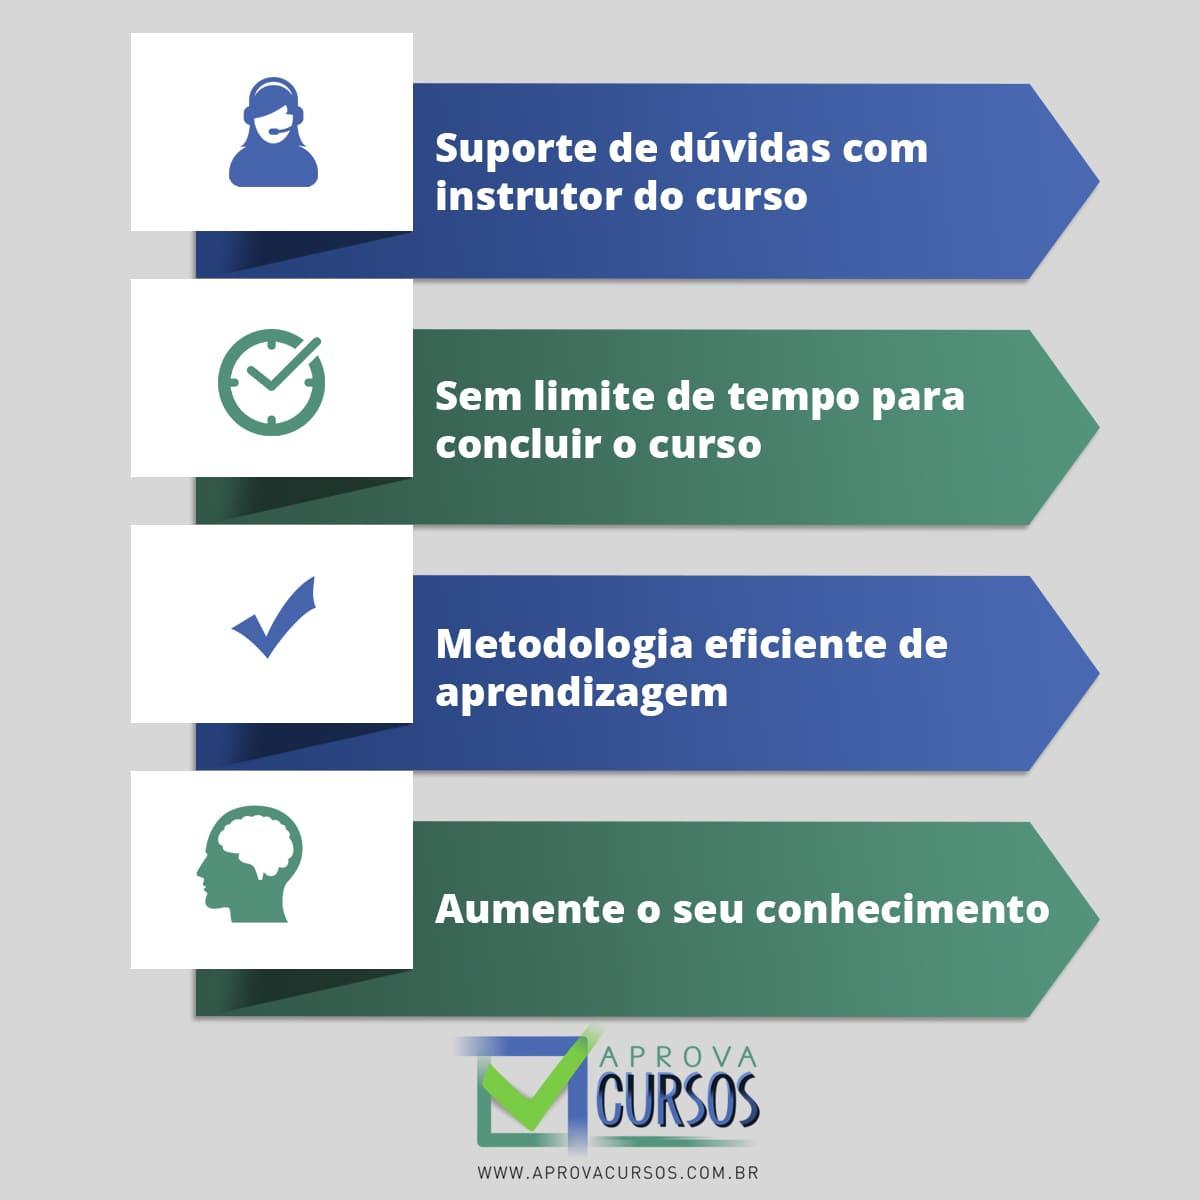 Curso Online de Psicologia Forense – Compreendendo a Mente de um Criminoso com Certificado  - Aprova Cursos